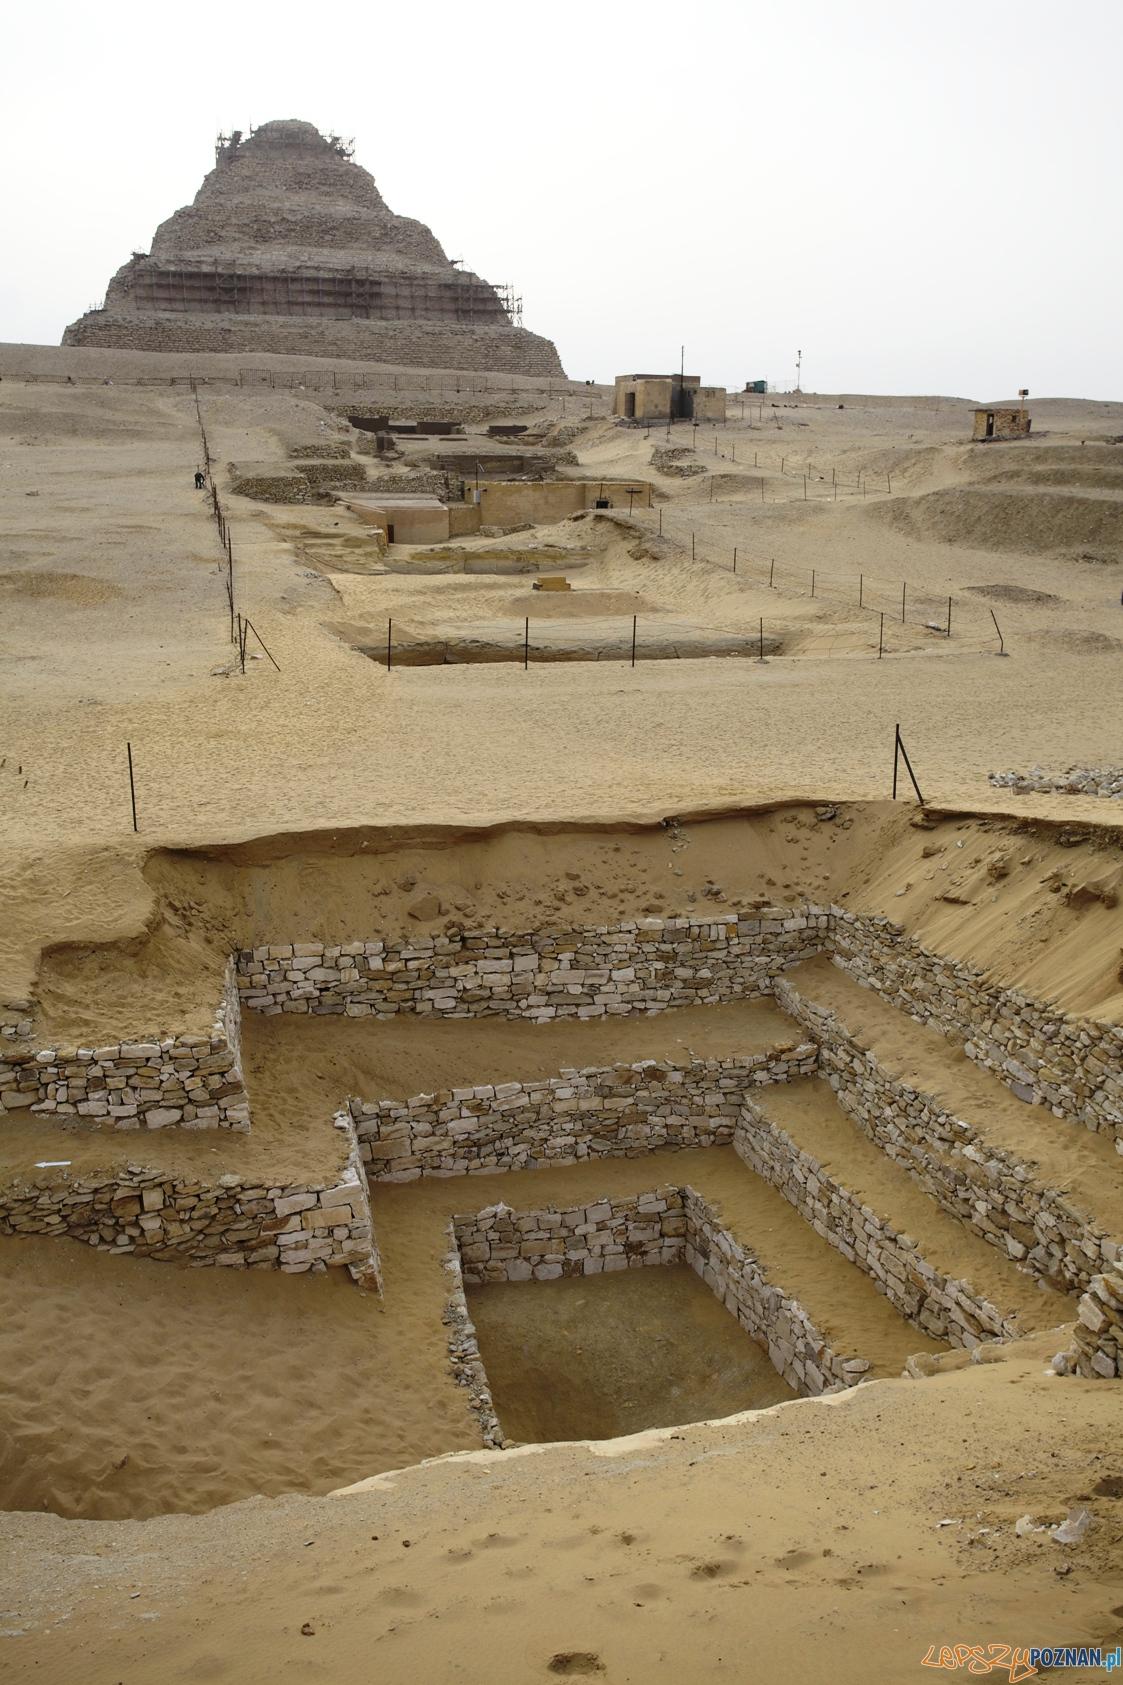 Polskie badania prowadzone są w sąsiedztwie piramidy schodkowej w Sakkarze  Foto: J. Dąbrowski